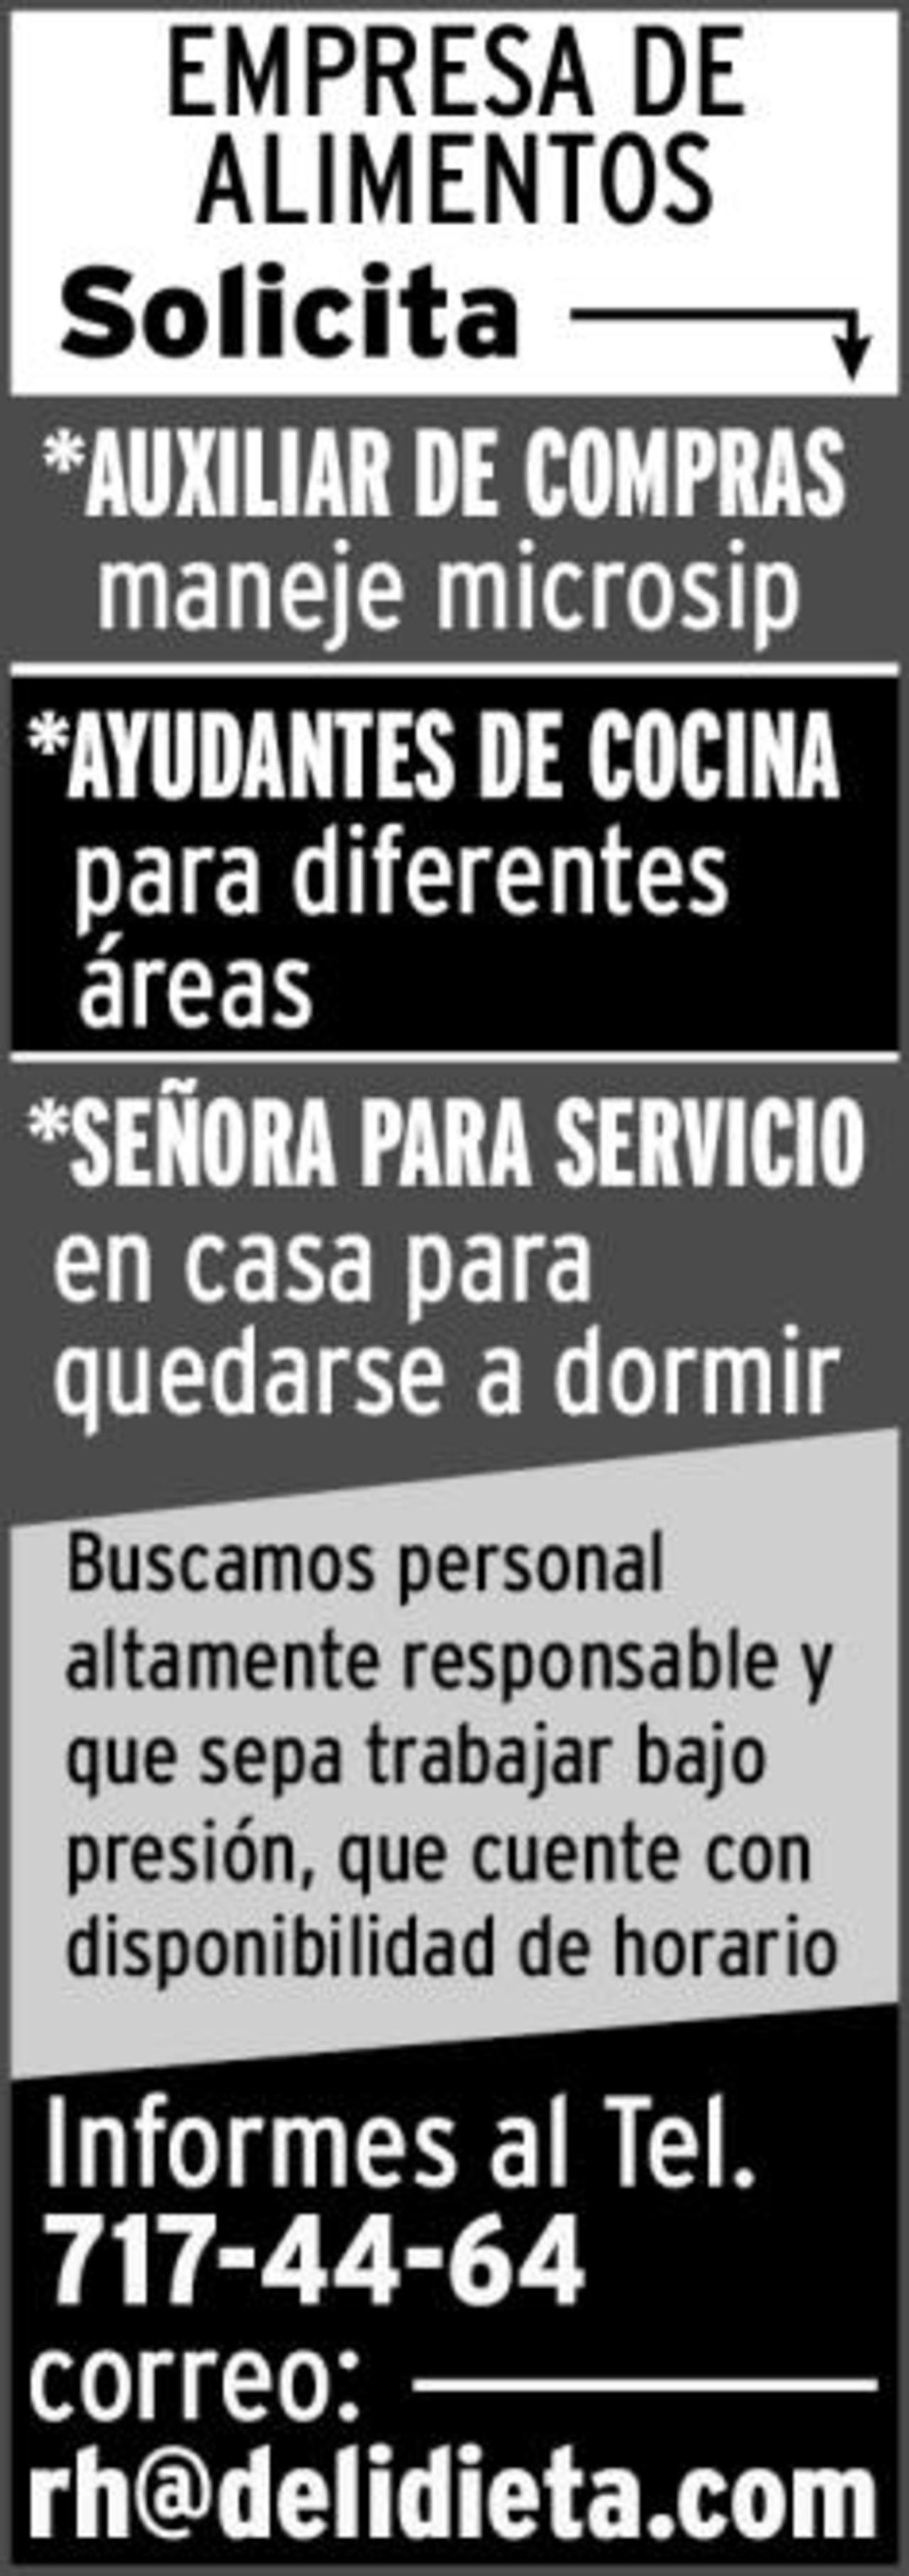 EMPLEO: EMPRESA DE ALIMENTOS SOLICITA - Torreón desplegados El Siglo